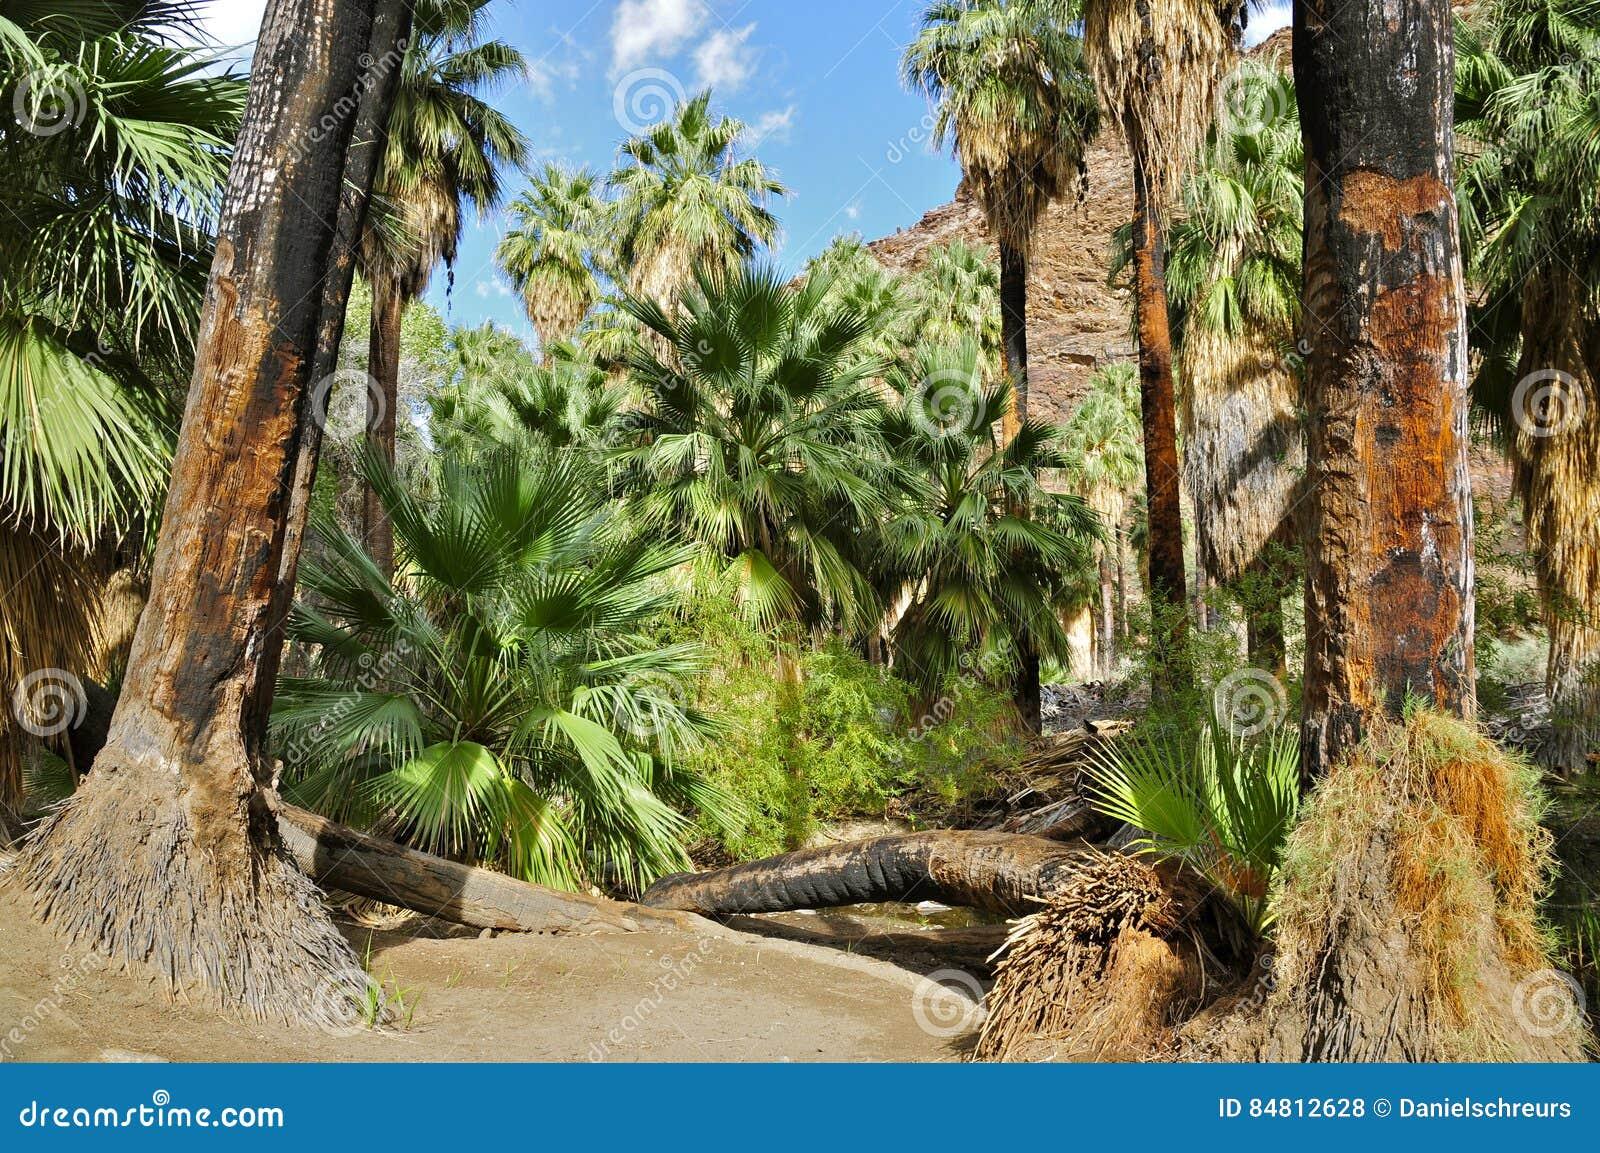 Palmowy jar, palm springs